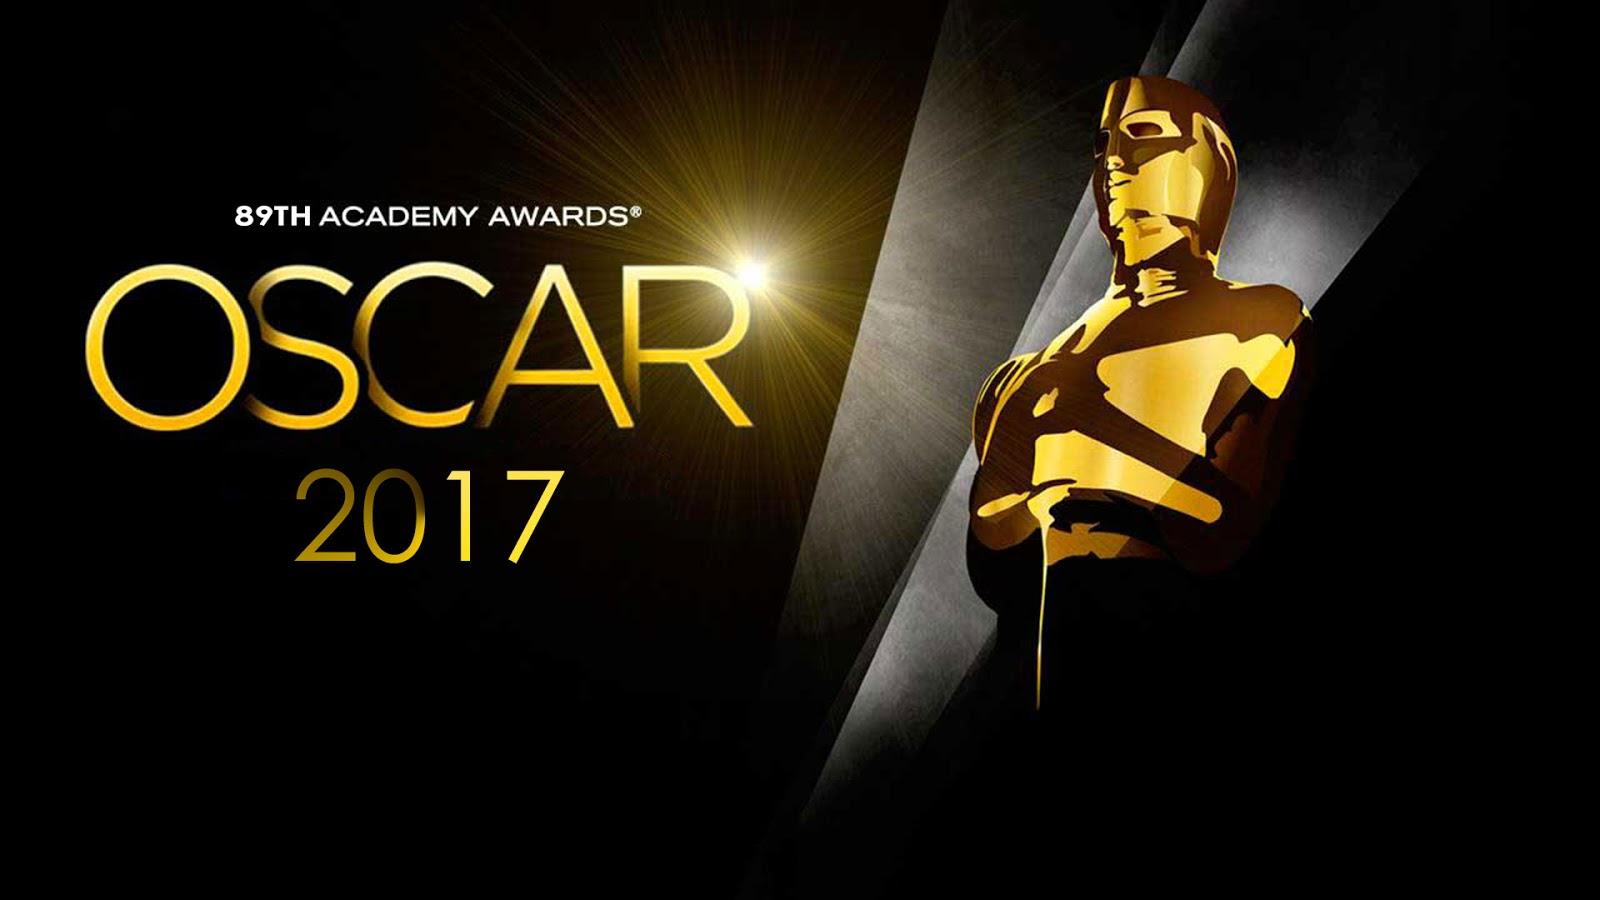 Inilah 10 Nominasi Film Terbaik Oscar 2017